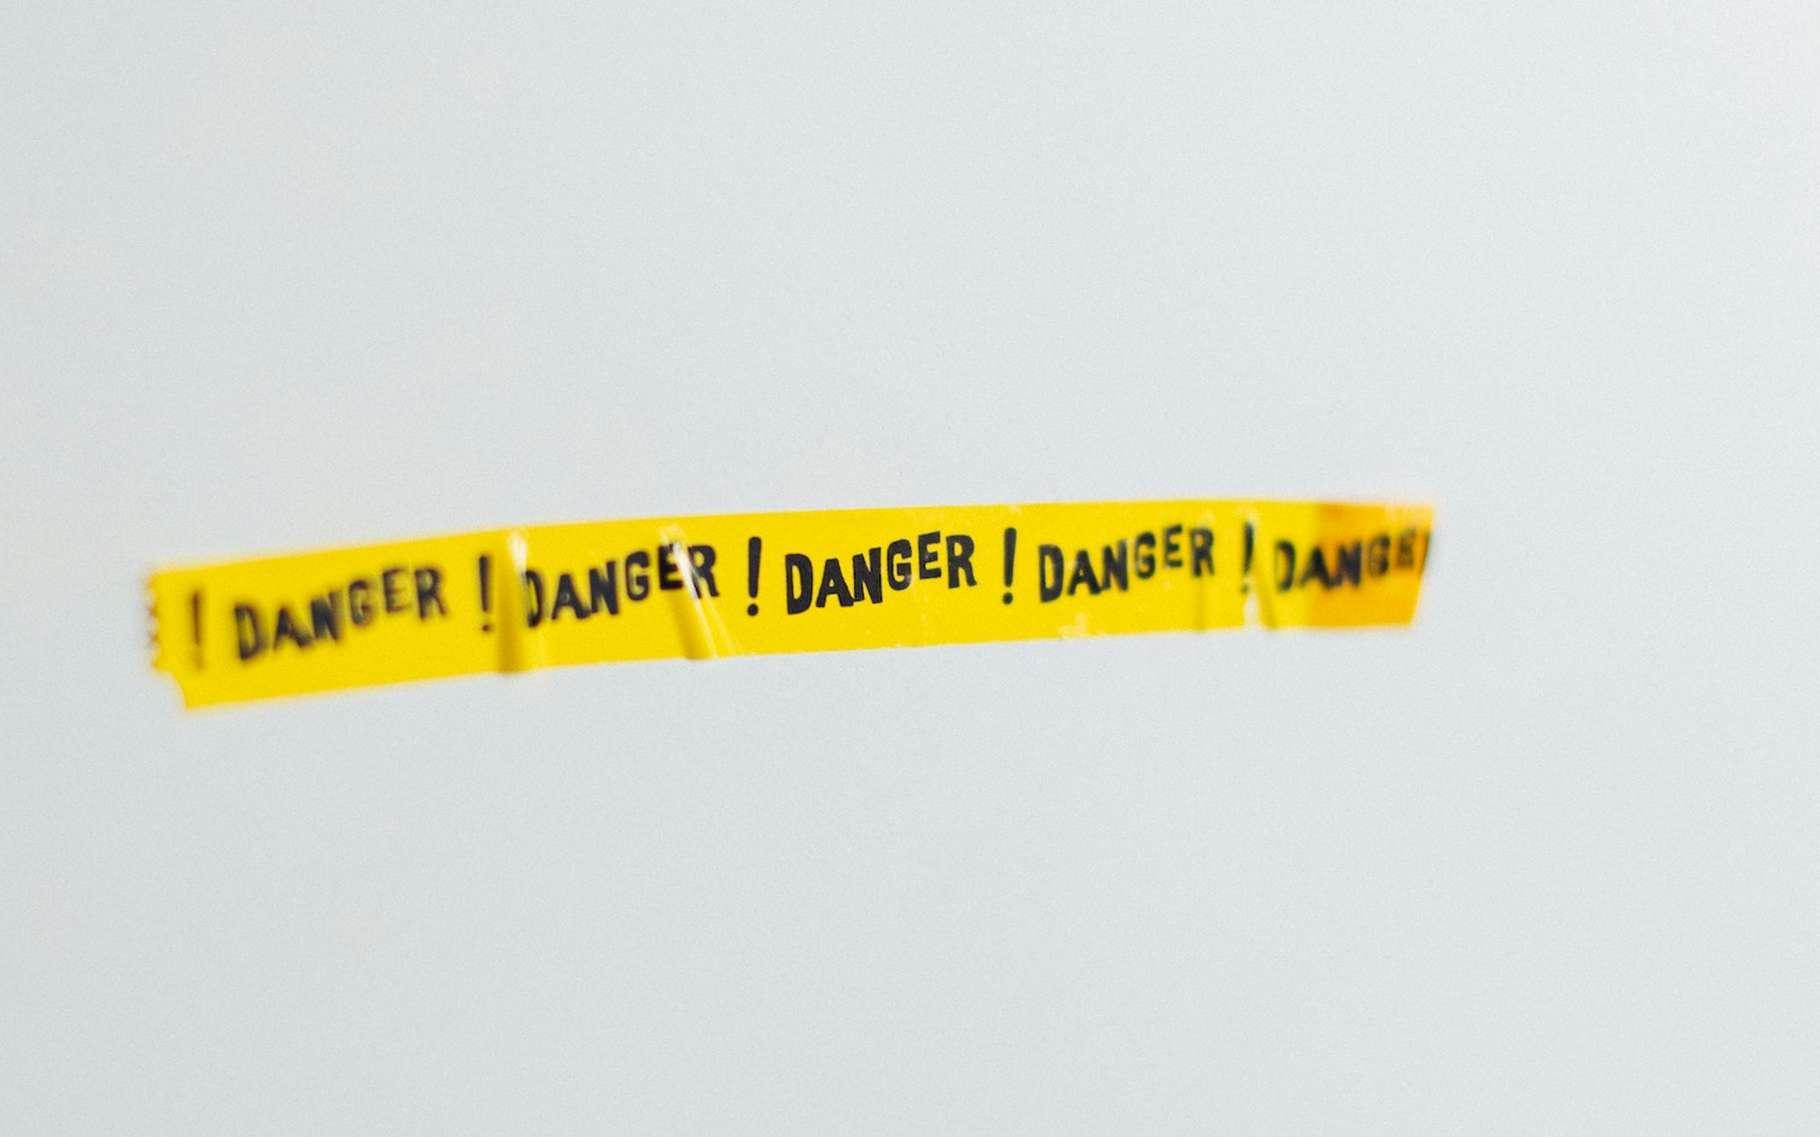 L'étude d'impact arrive en amont du projet, l'étude de danger est conduite en phase d'exploitation et régulièrement réévaluée. © Markus Spiske, Unsplash